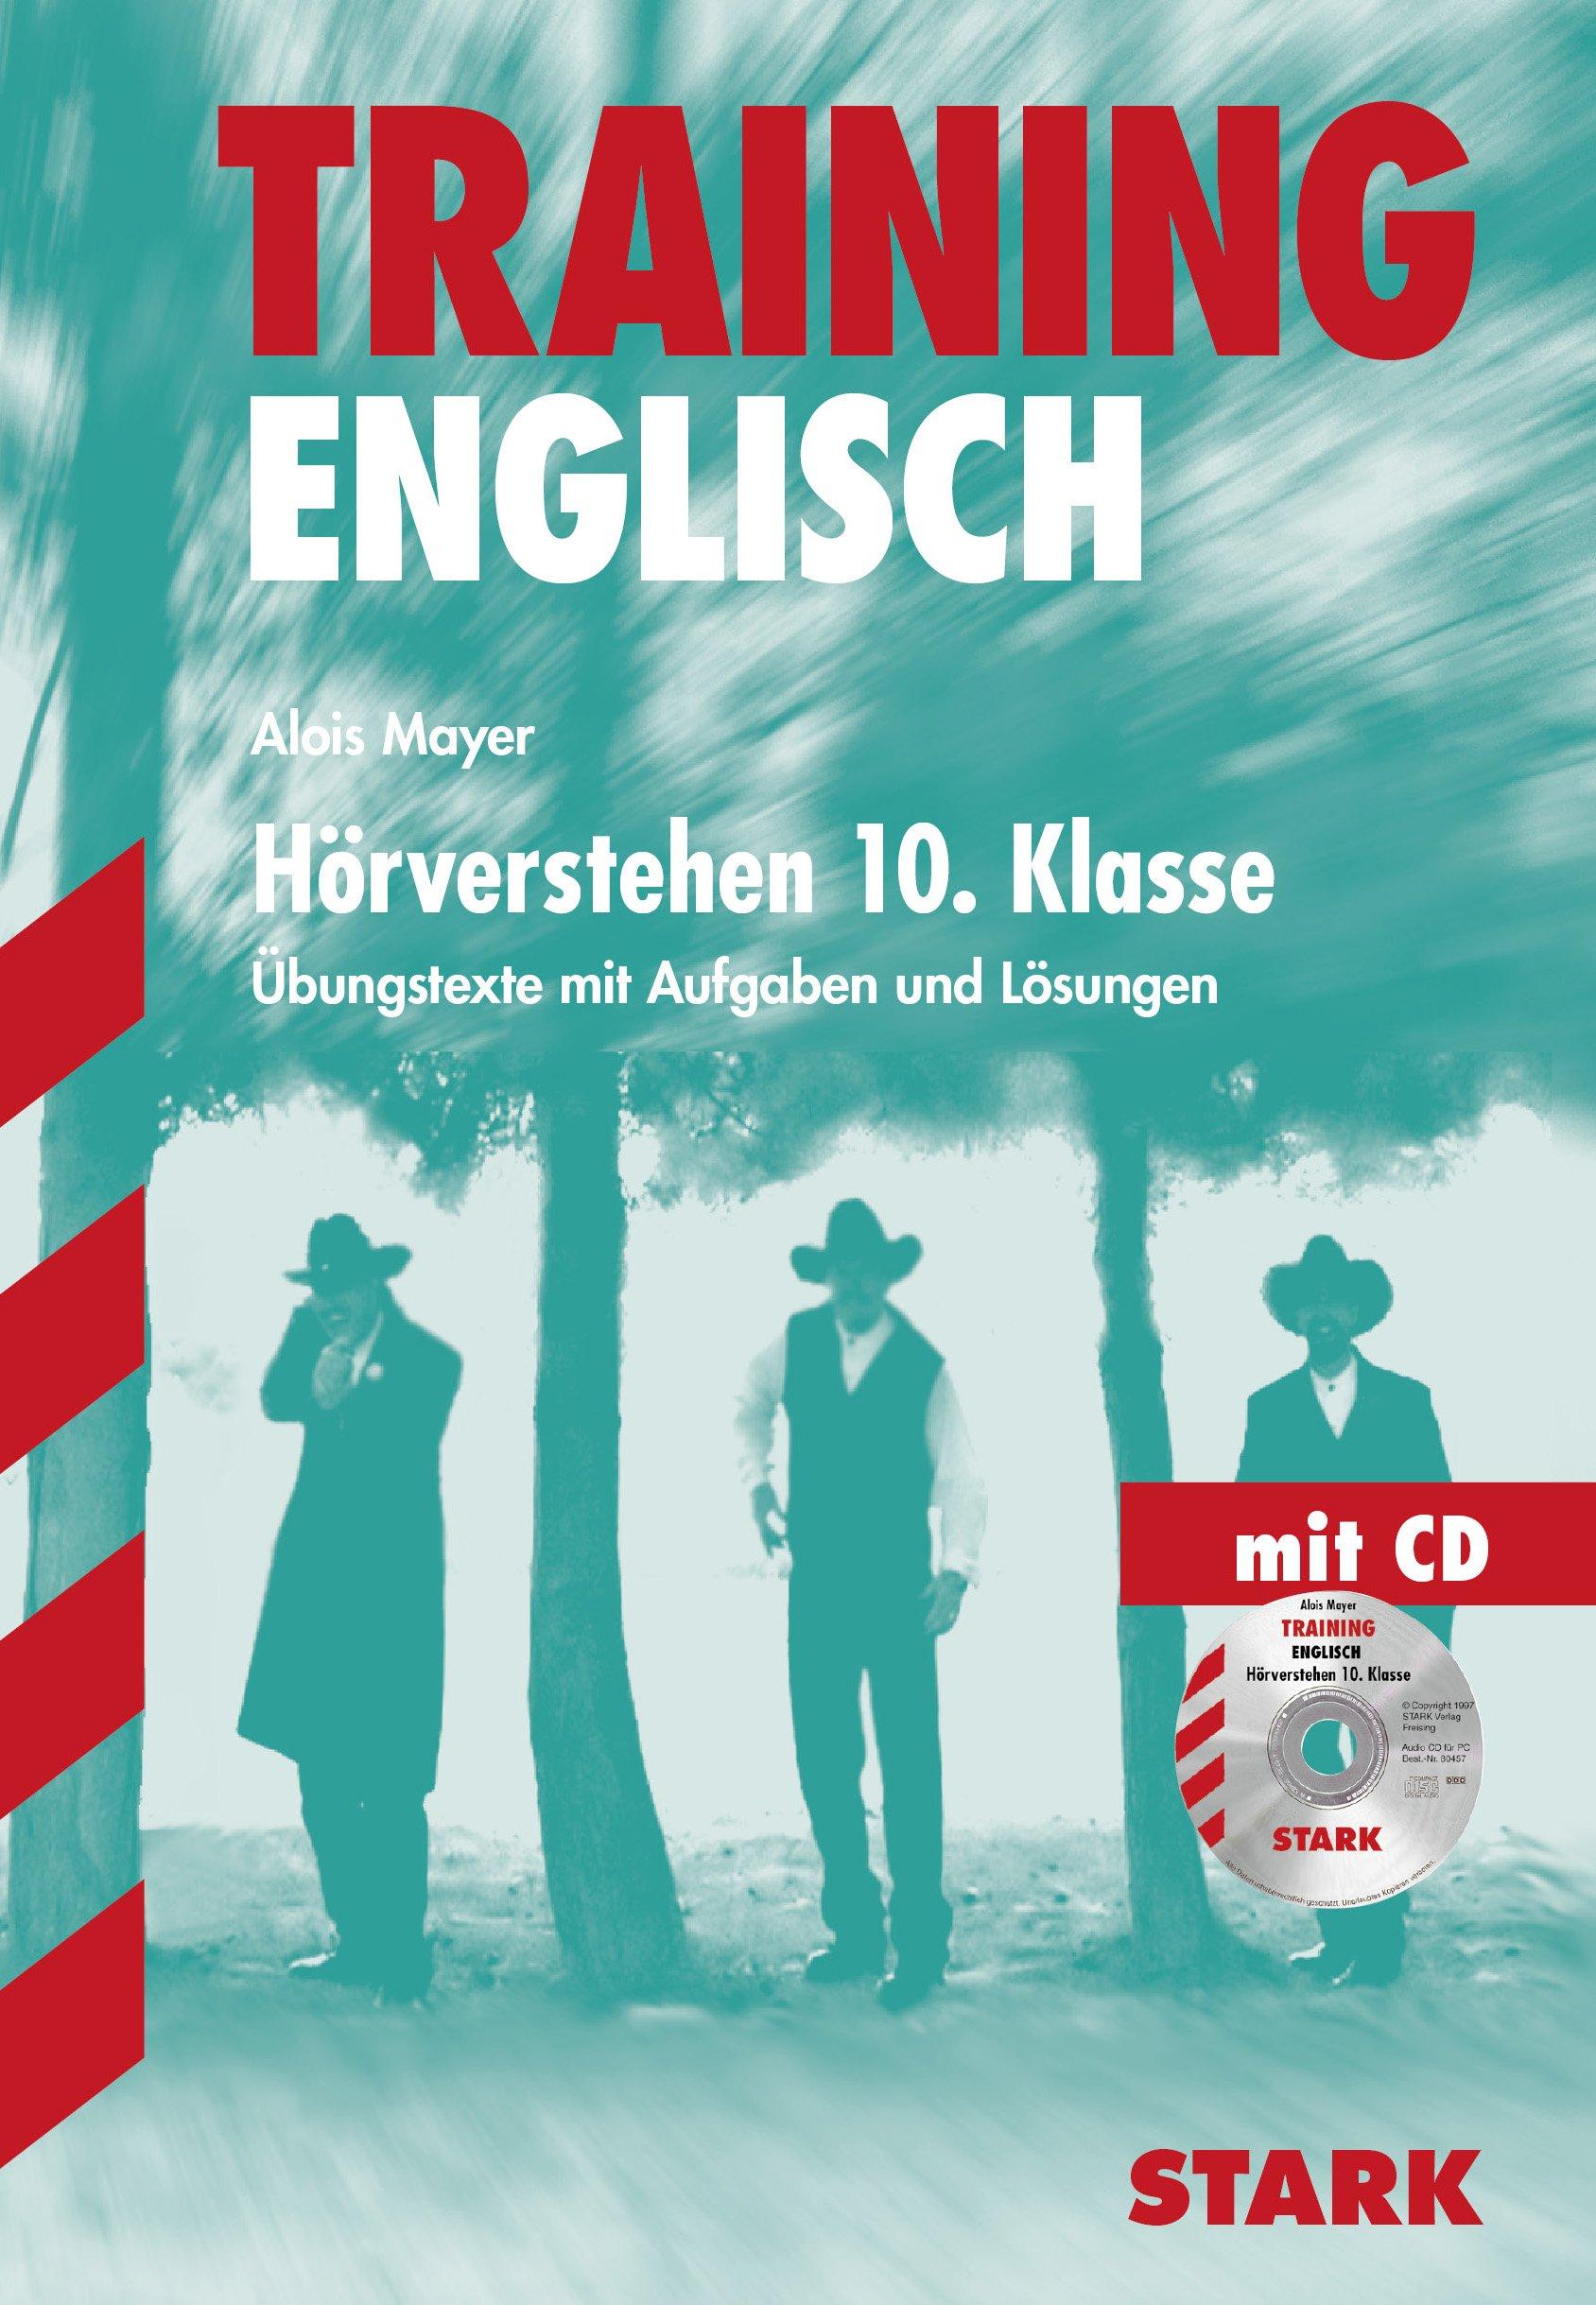 Training Gymnasium - Englisch 10. Kl. G8 Hörverstehen m. CD